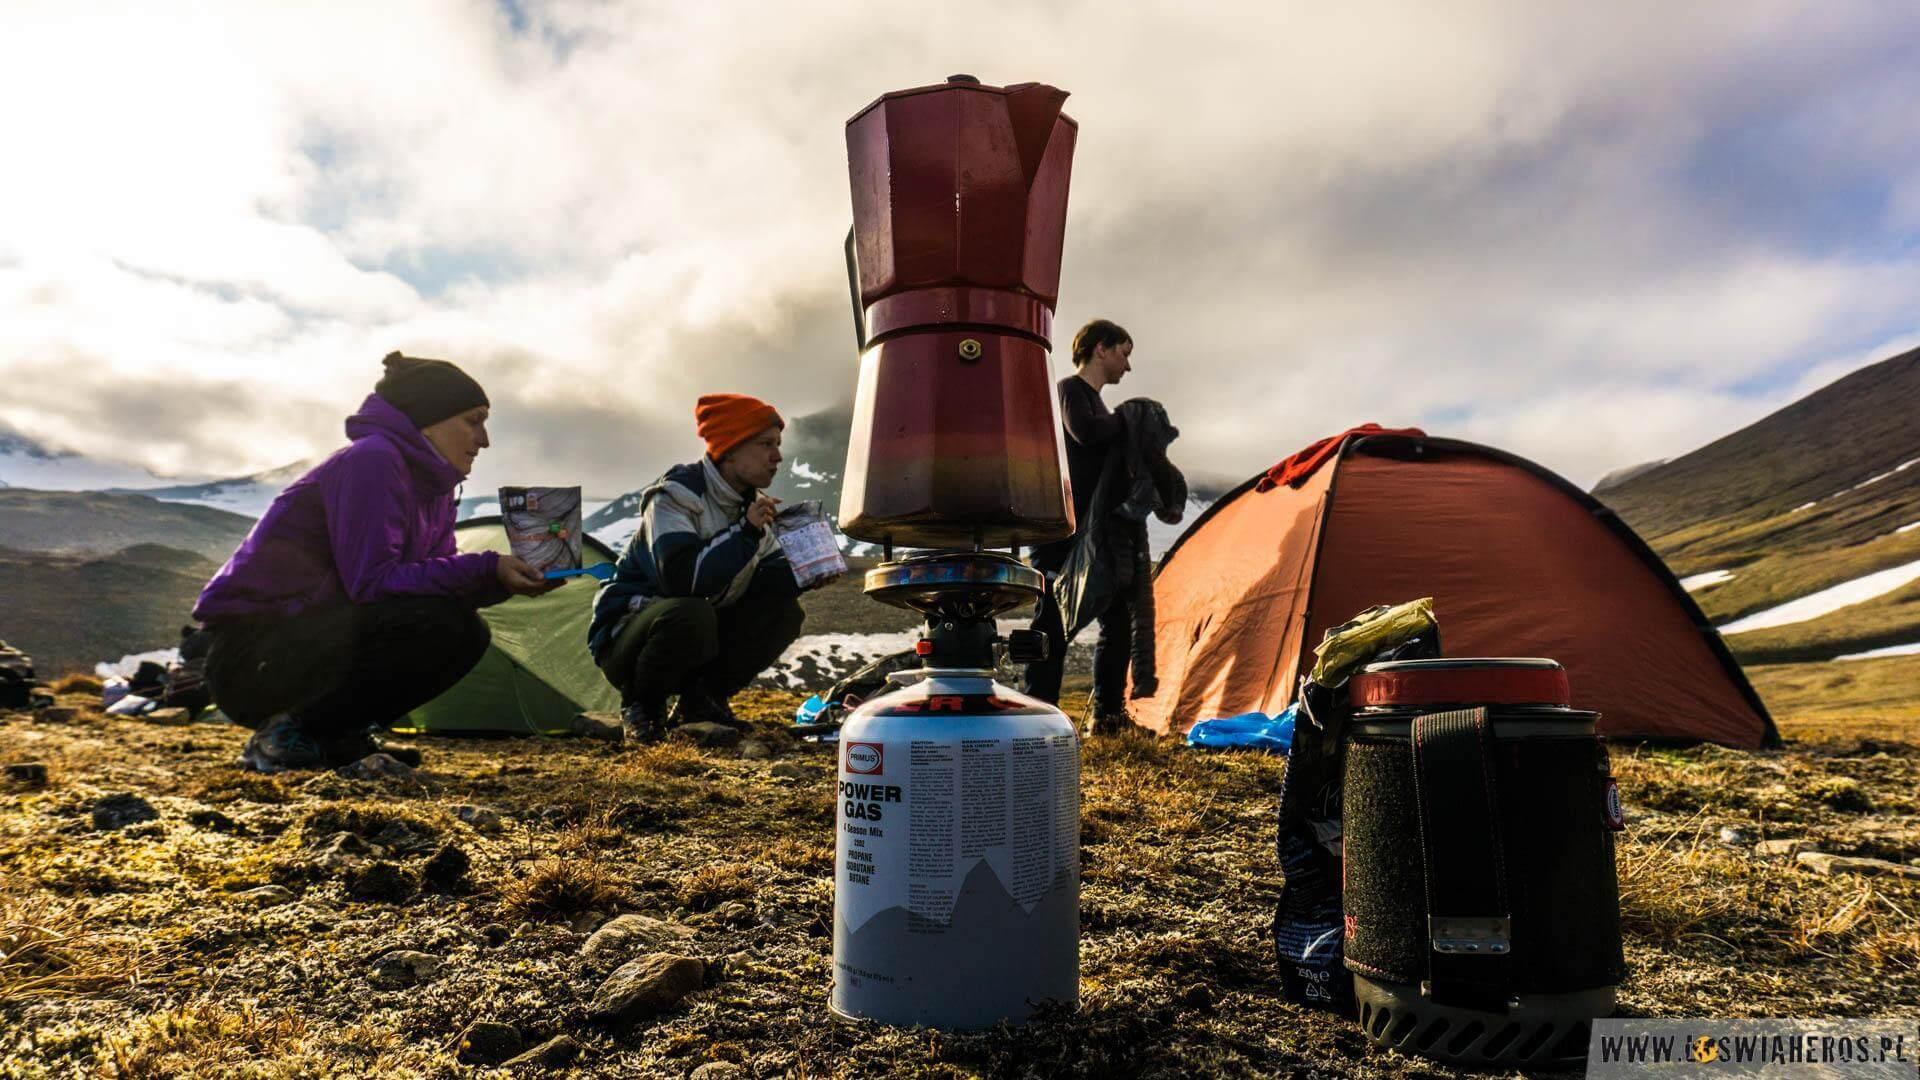 """A jeśli mowa o przyjemnościach, to nie może zabraknąć kawy. Liliana taszczyła w plecaku """"poranną chwilę przyjemności"""", która już za chwilę rozpyli ten charakterystyczny zapach... nawet na Spitsbergenie, gdzieś głęboko w tundrze."""